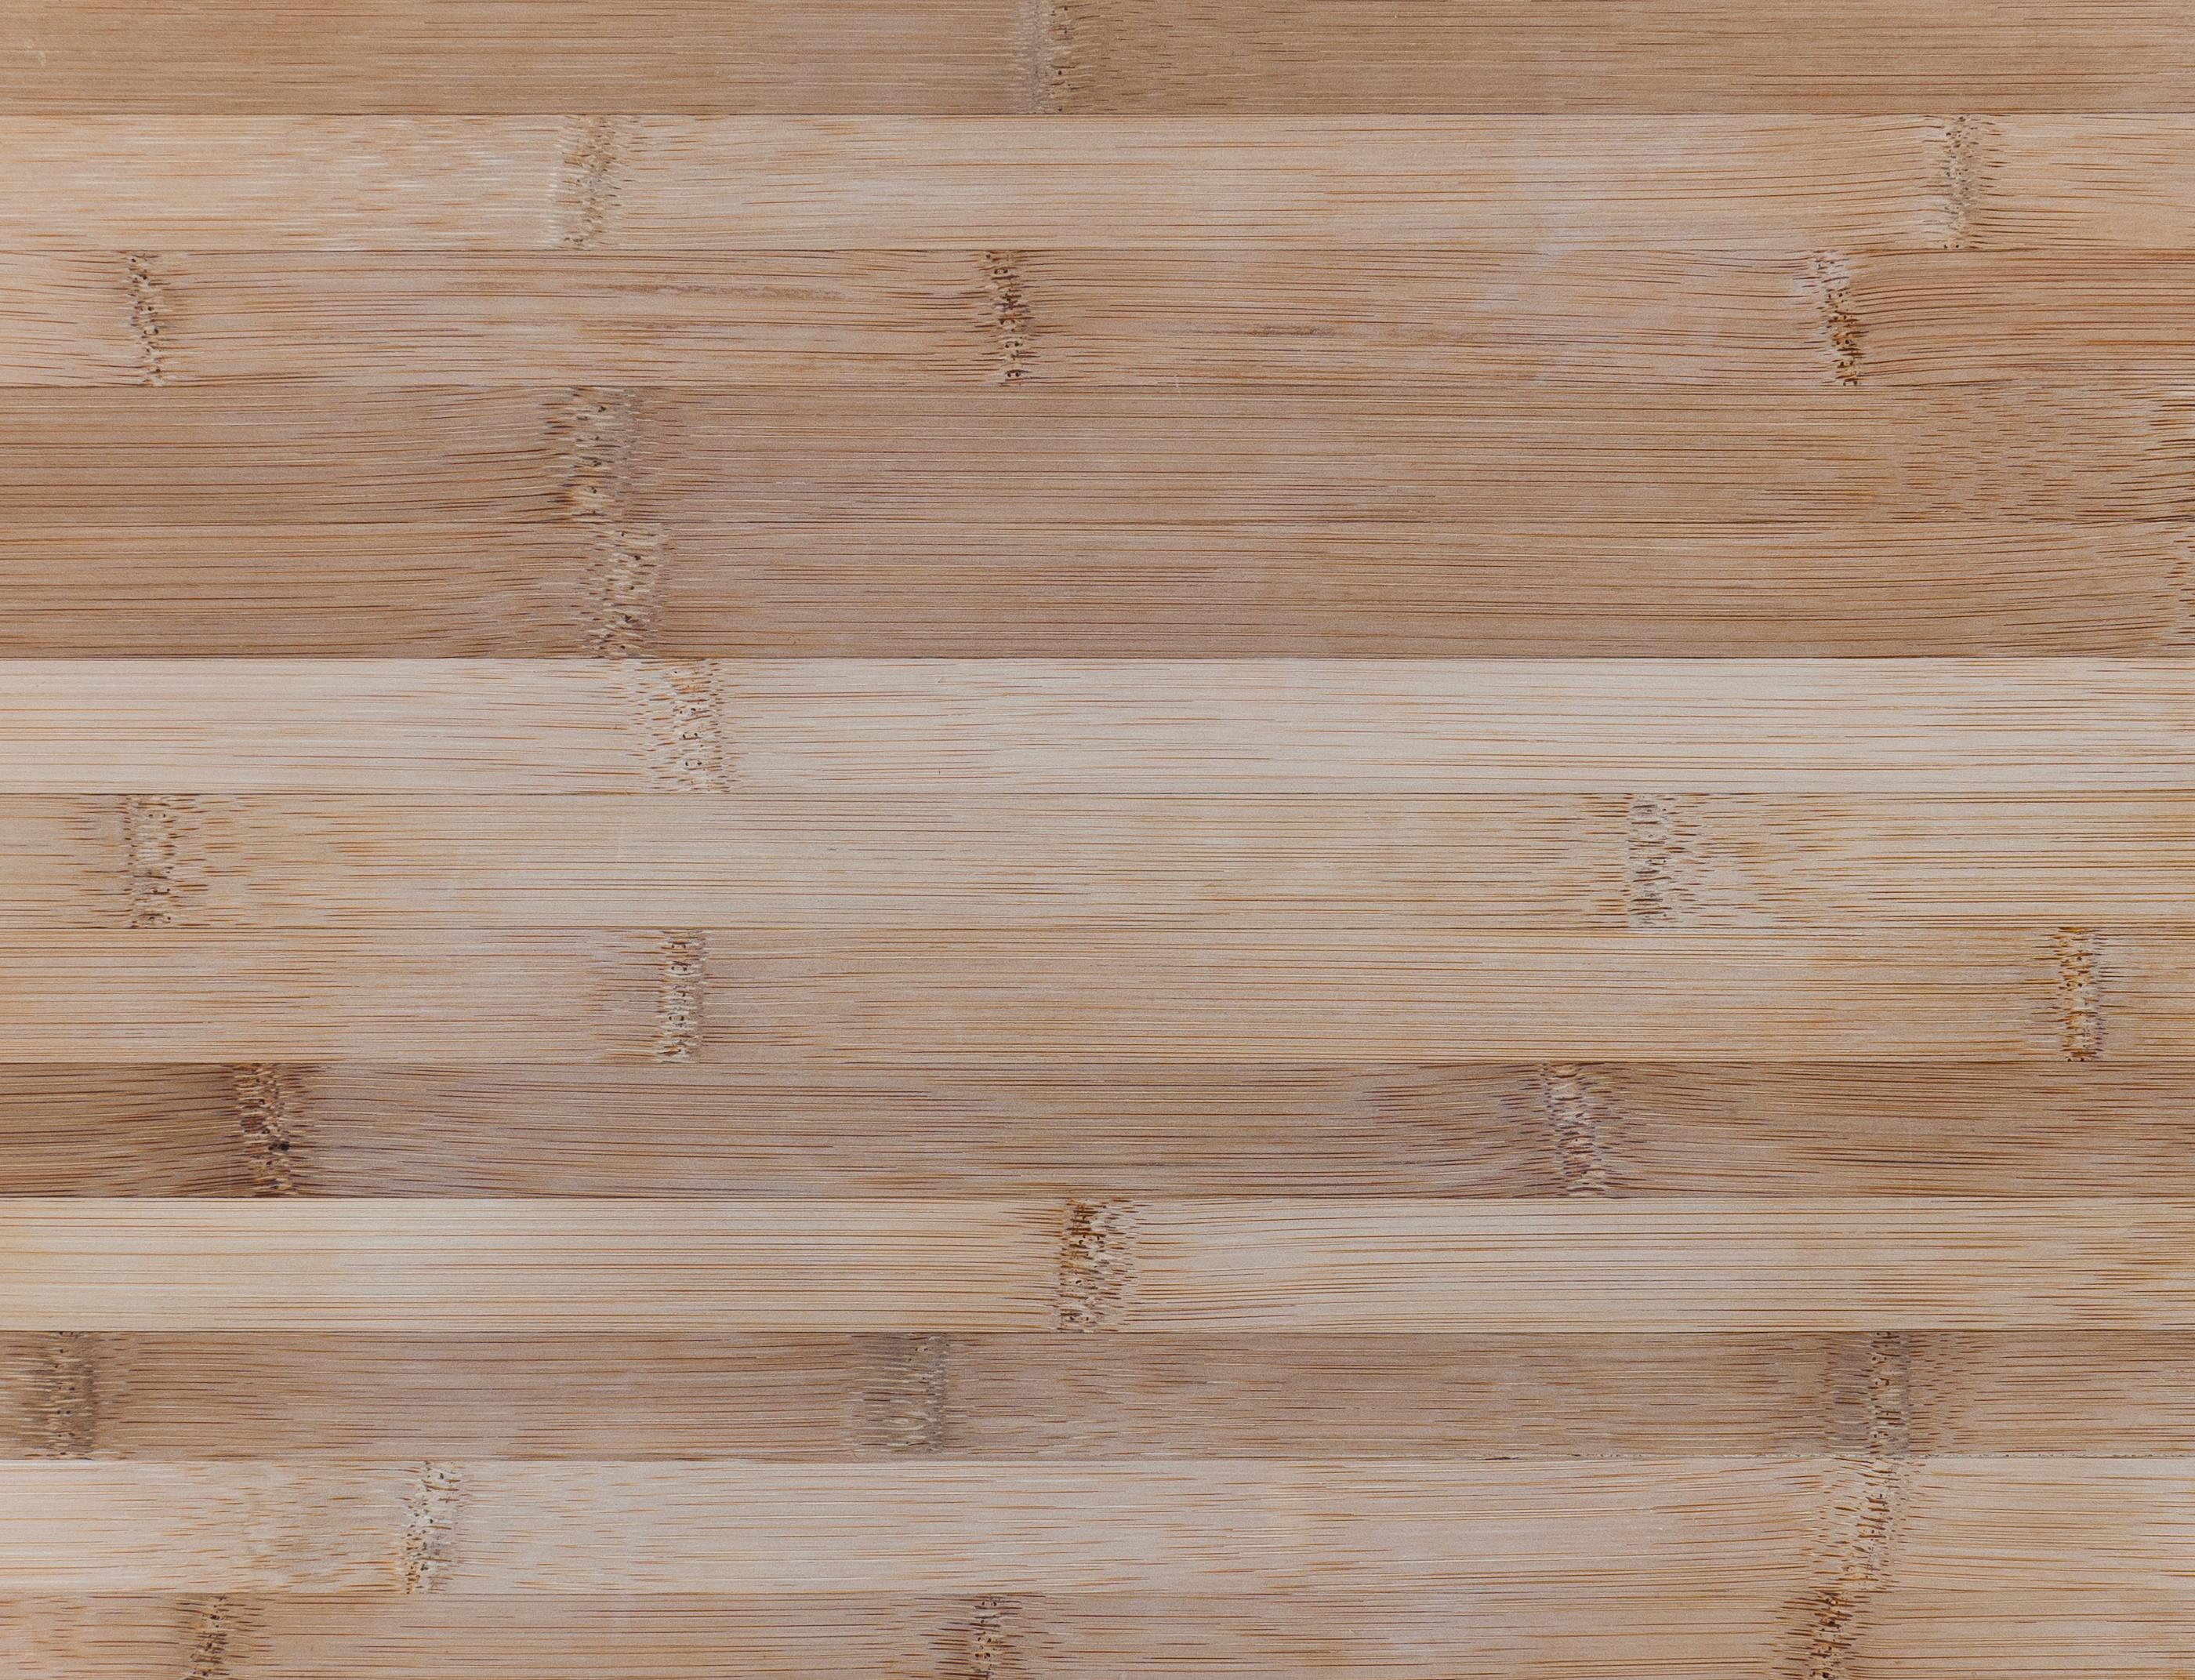 Pro E Contro Del Laminato parquet bamboo: vantaggi e svantaggi di un rivestimento moderno